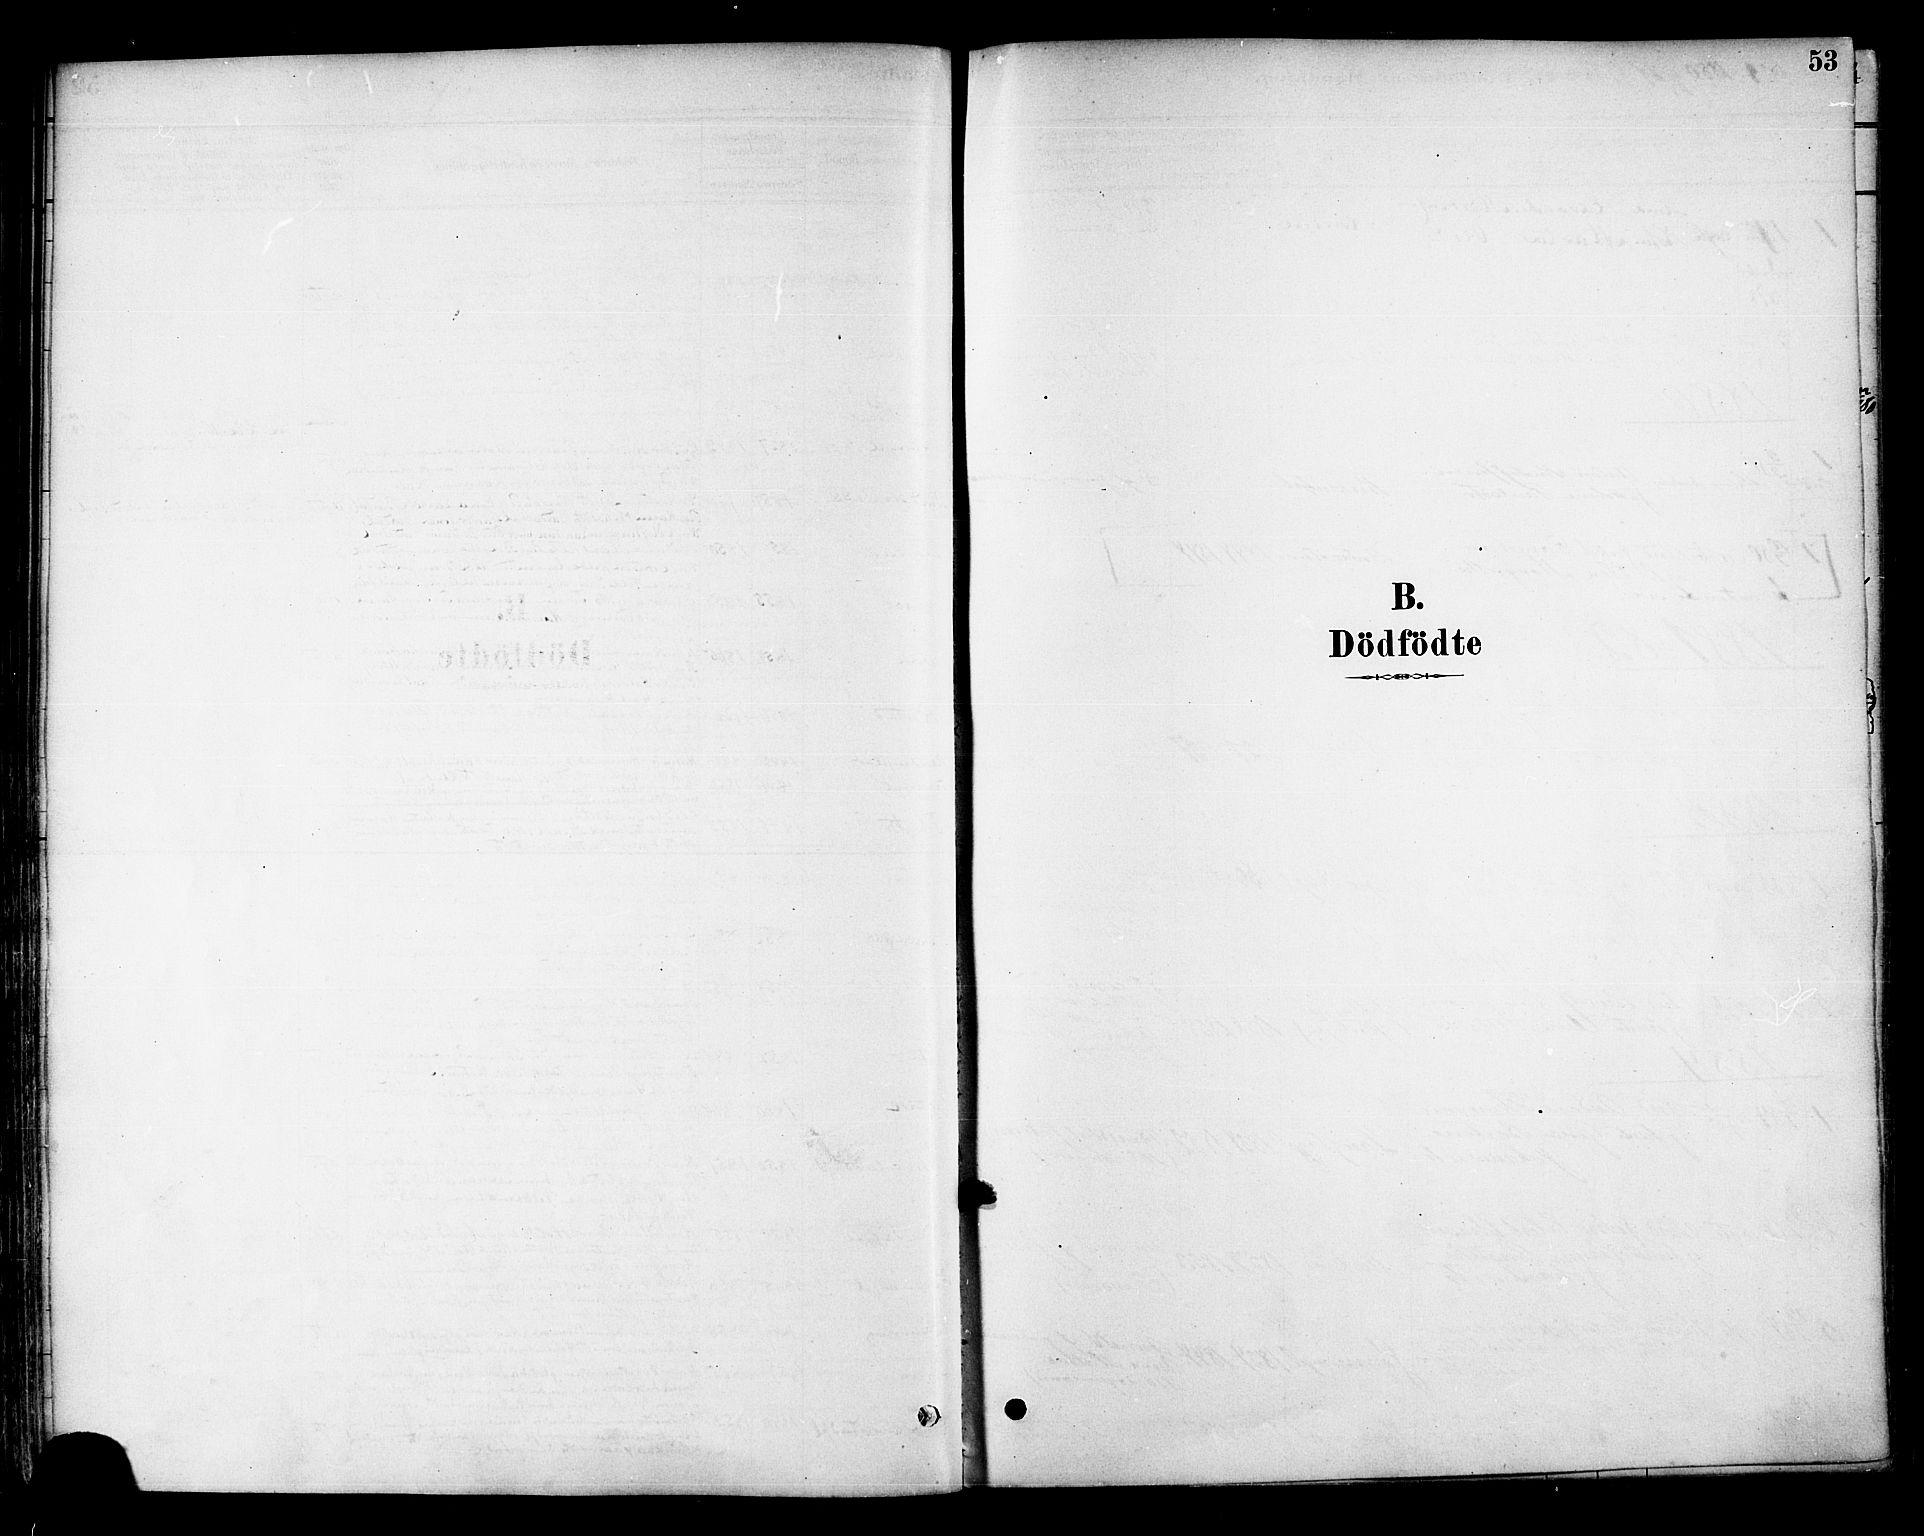 SAT, Ministerialprotokoller, klokkerbøker og fødselsregistre - Nord-Trøndelag, 741/L0395: Ministerialbok nr. 741A09, 1878-1888, s. 53